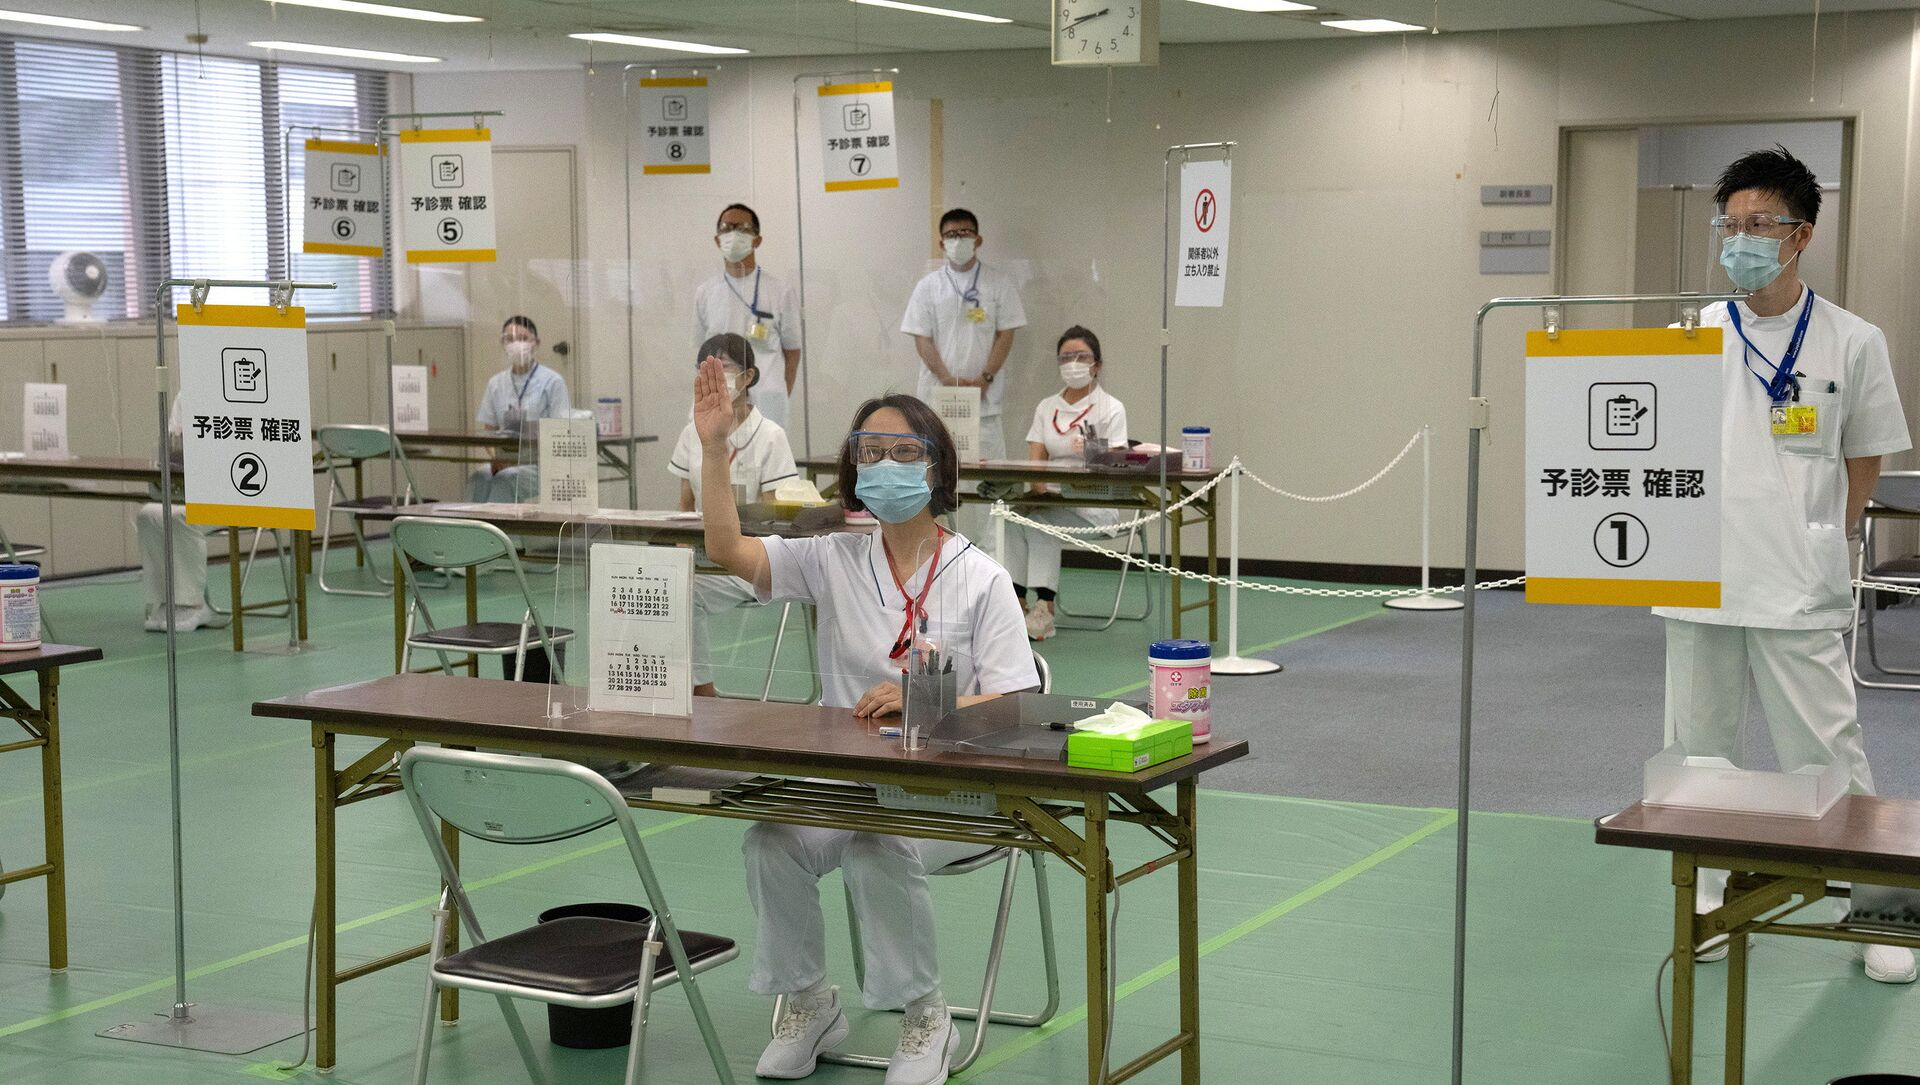 Centre de vaccination à Tokyo - Sputnik France, 1920, 17.08.2021